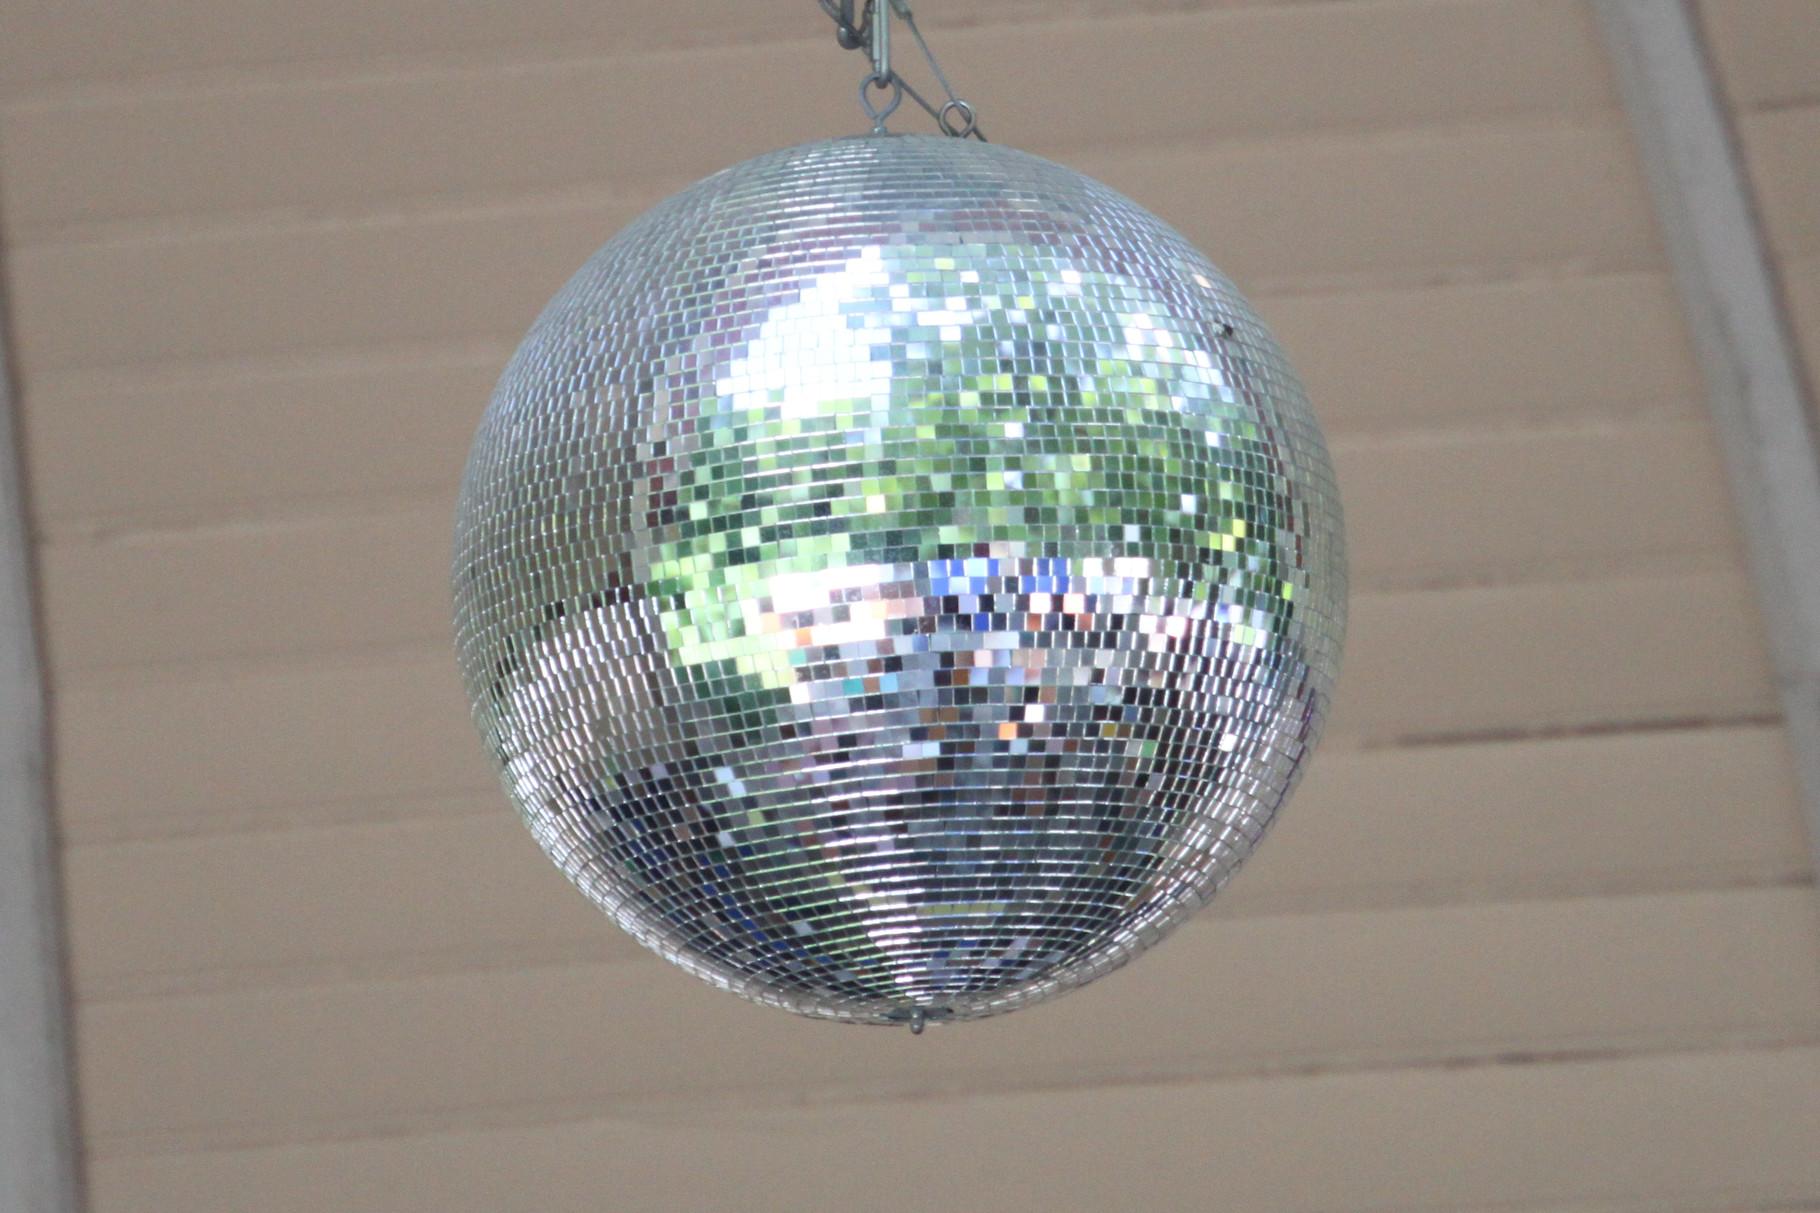 Spiegelkugel in der Konzertmuschel